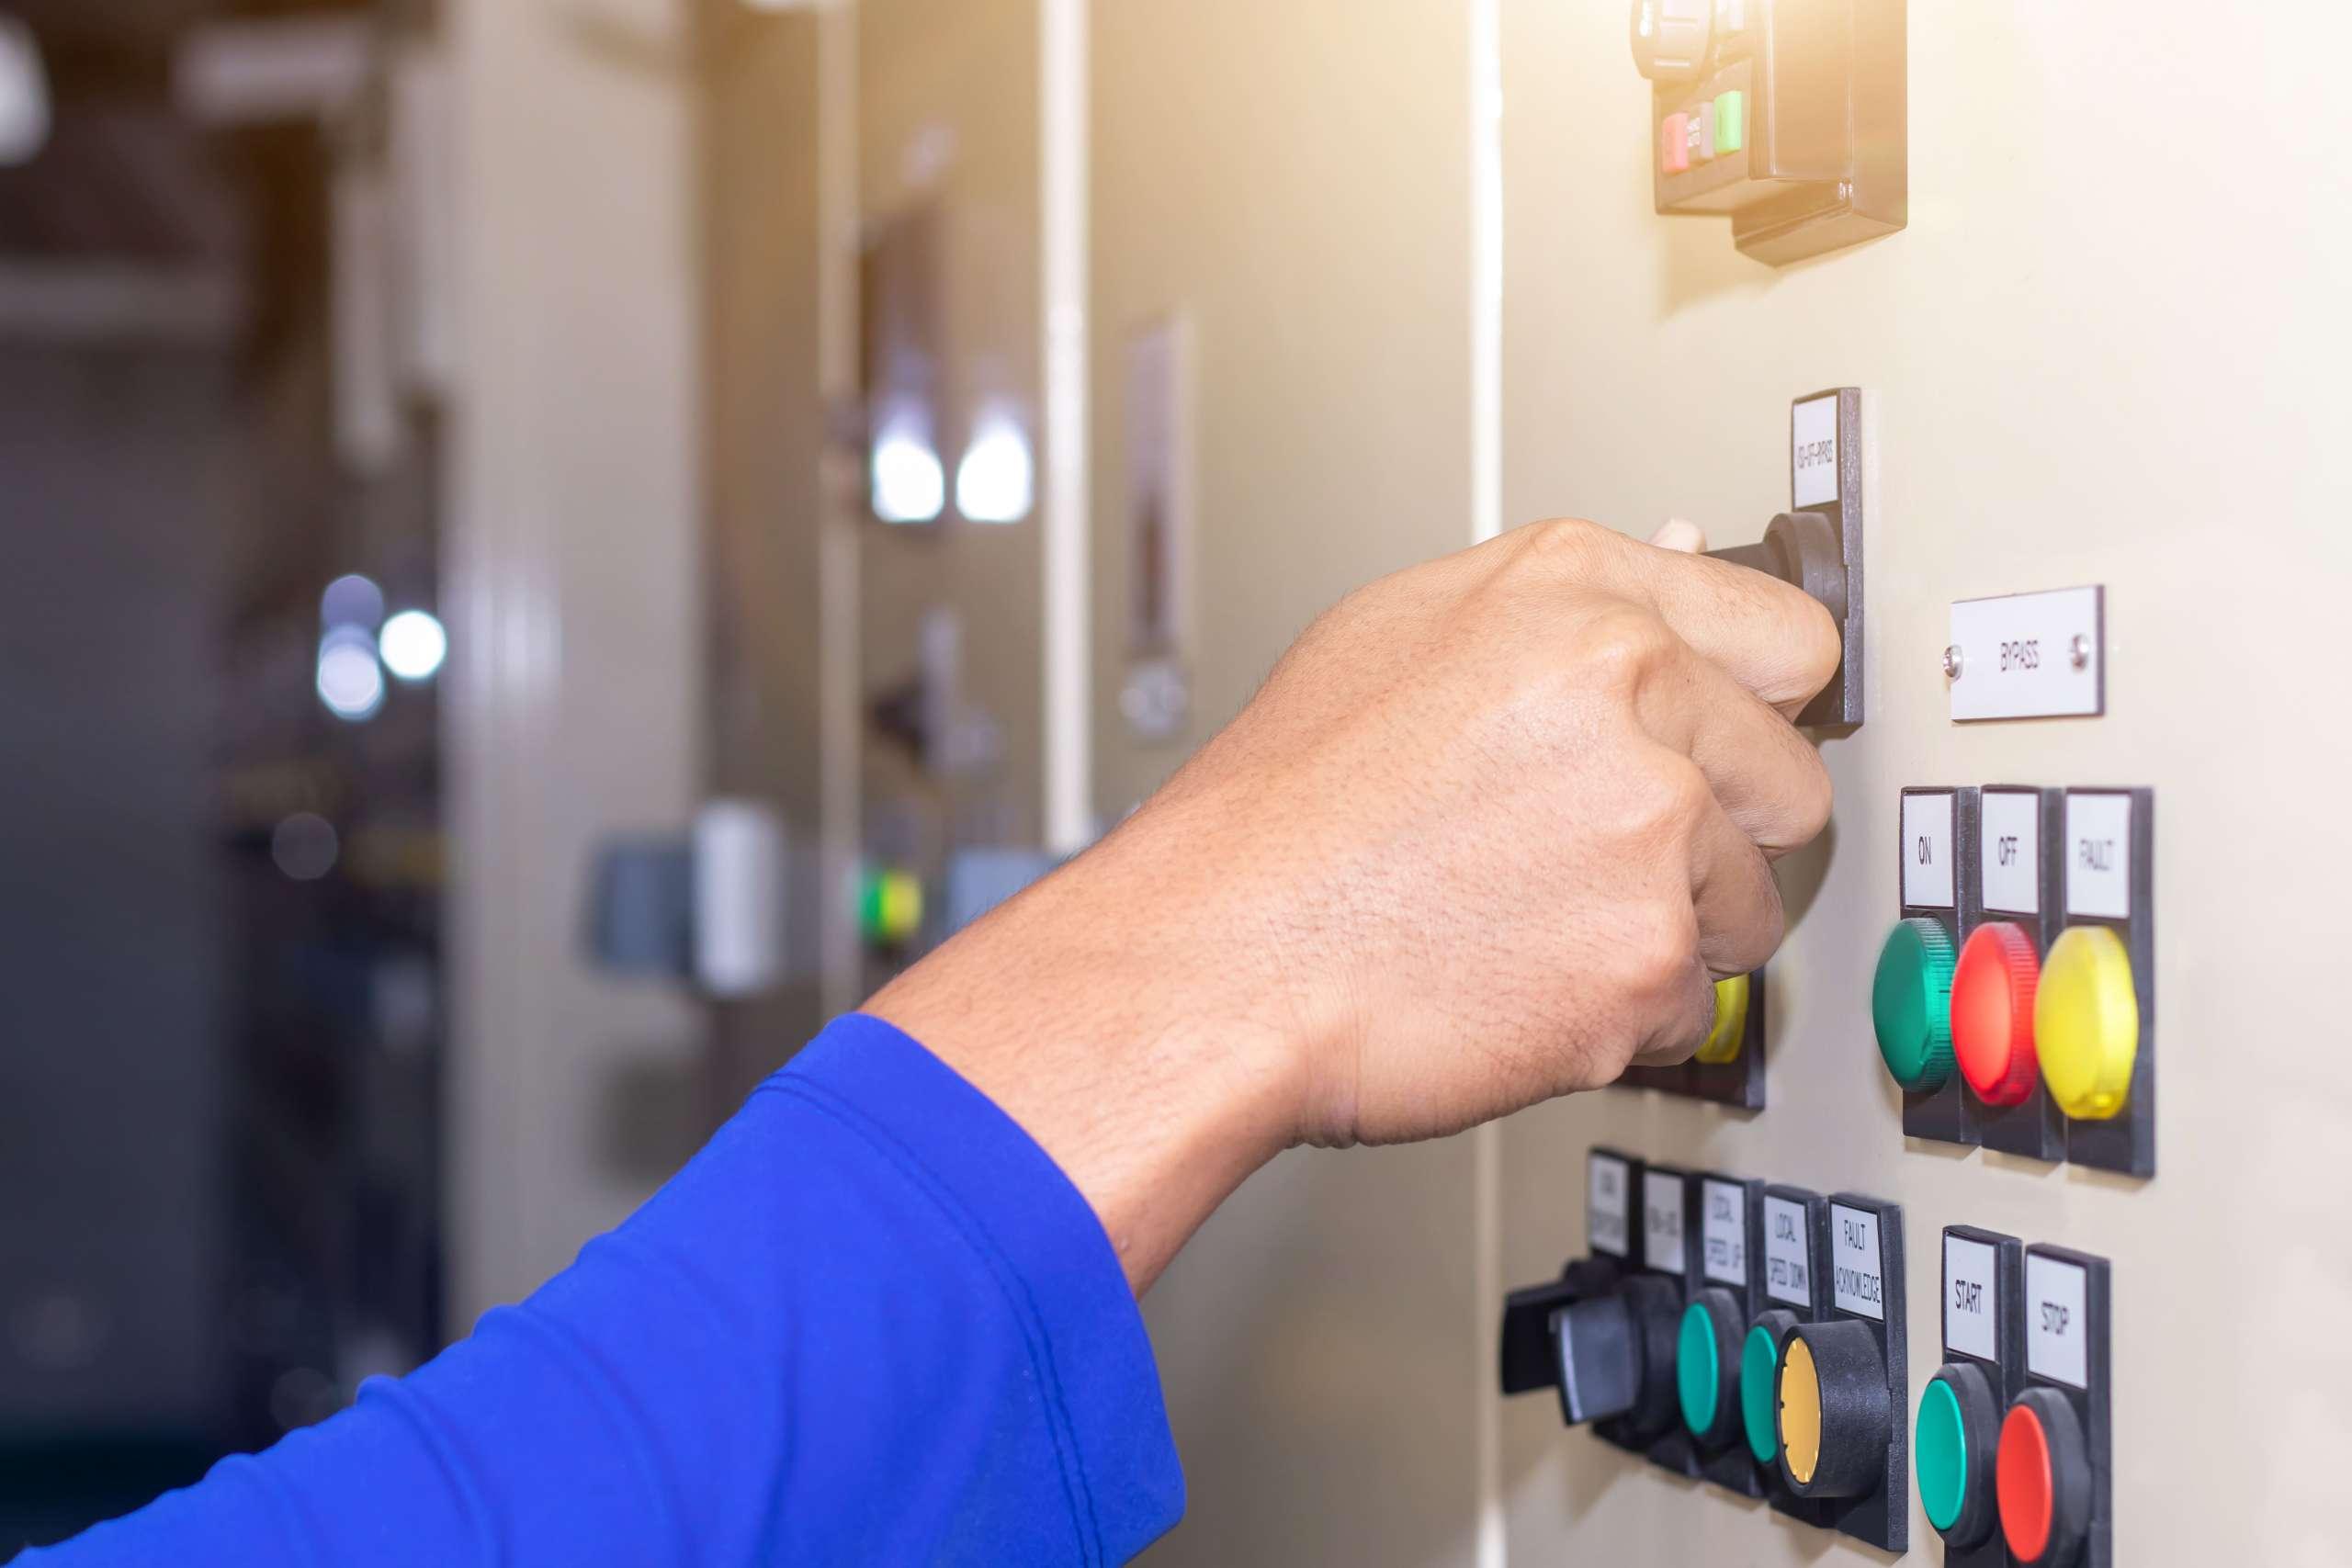 mettre en service l'électricité dans vos nouveaux locaux